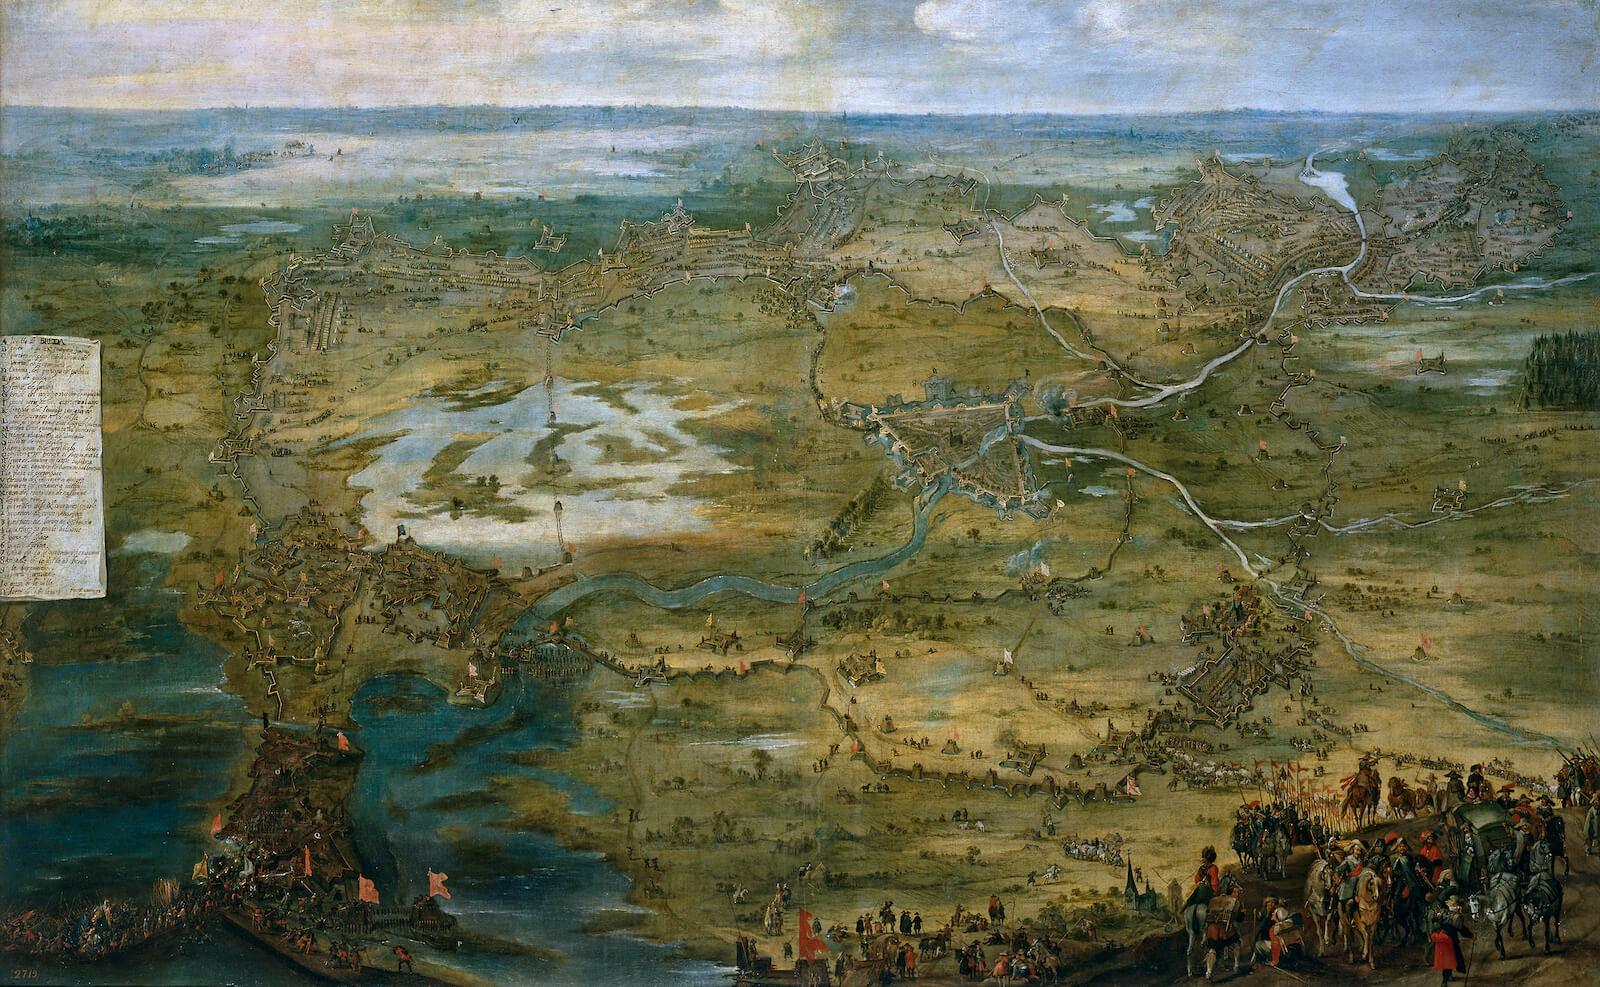 sitio de breda spínola 1624-1625 siege of breda Snayers